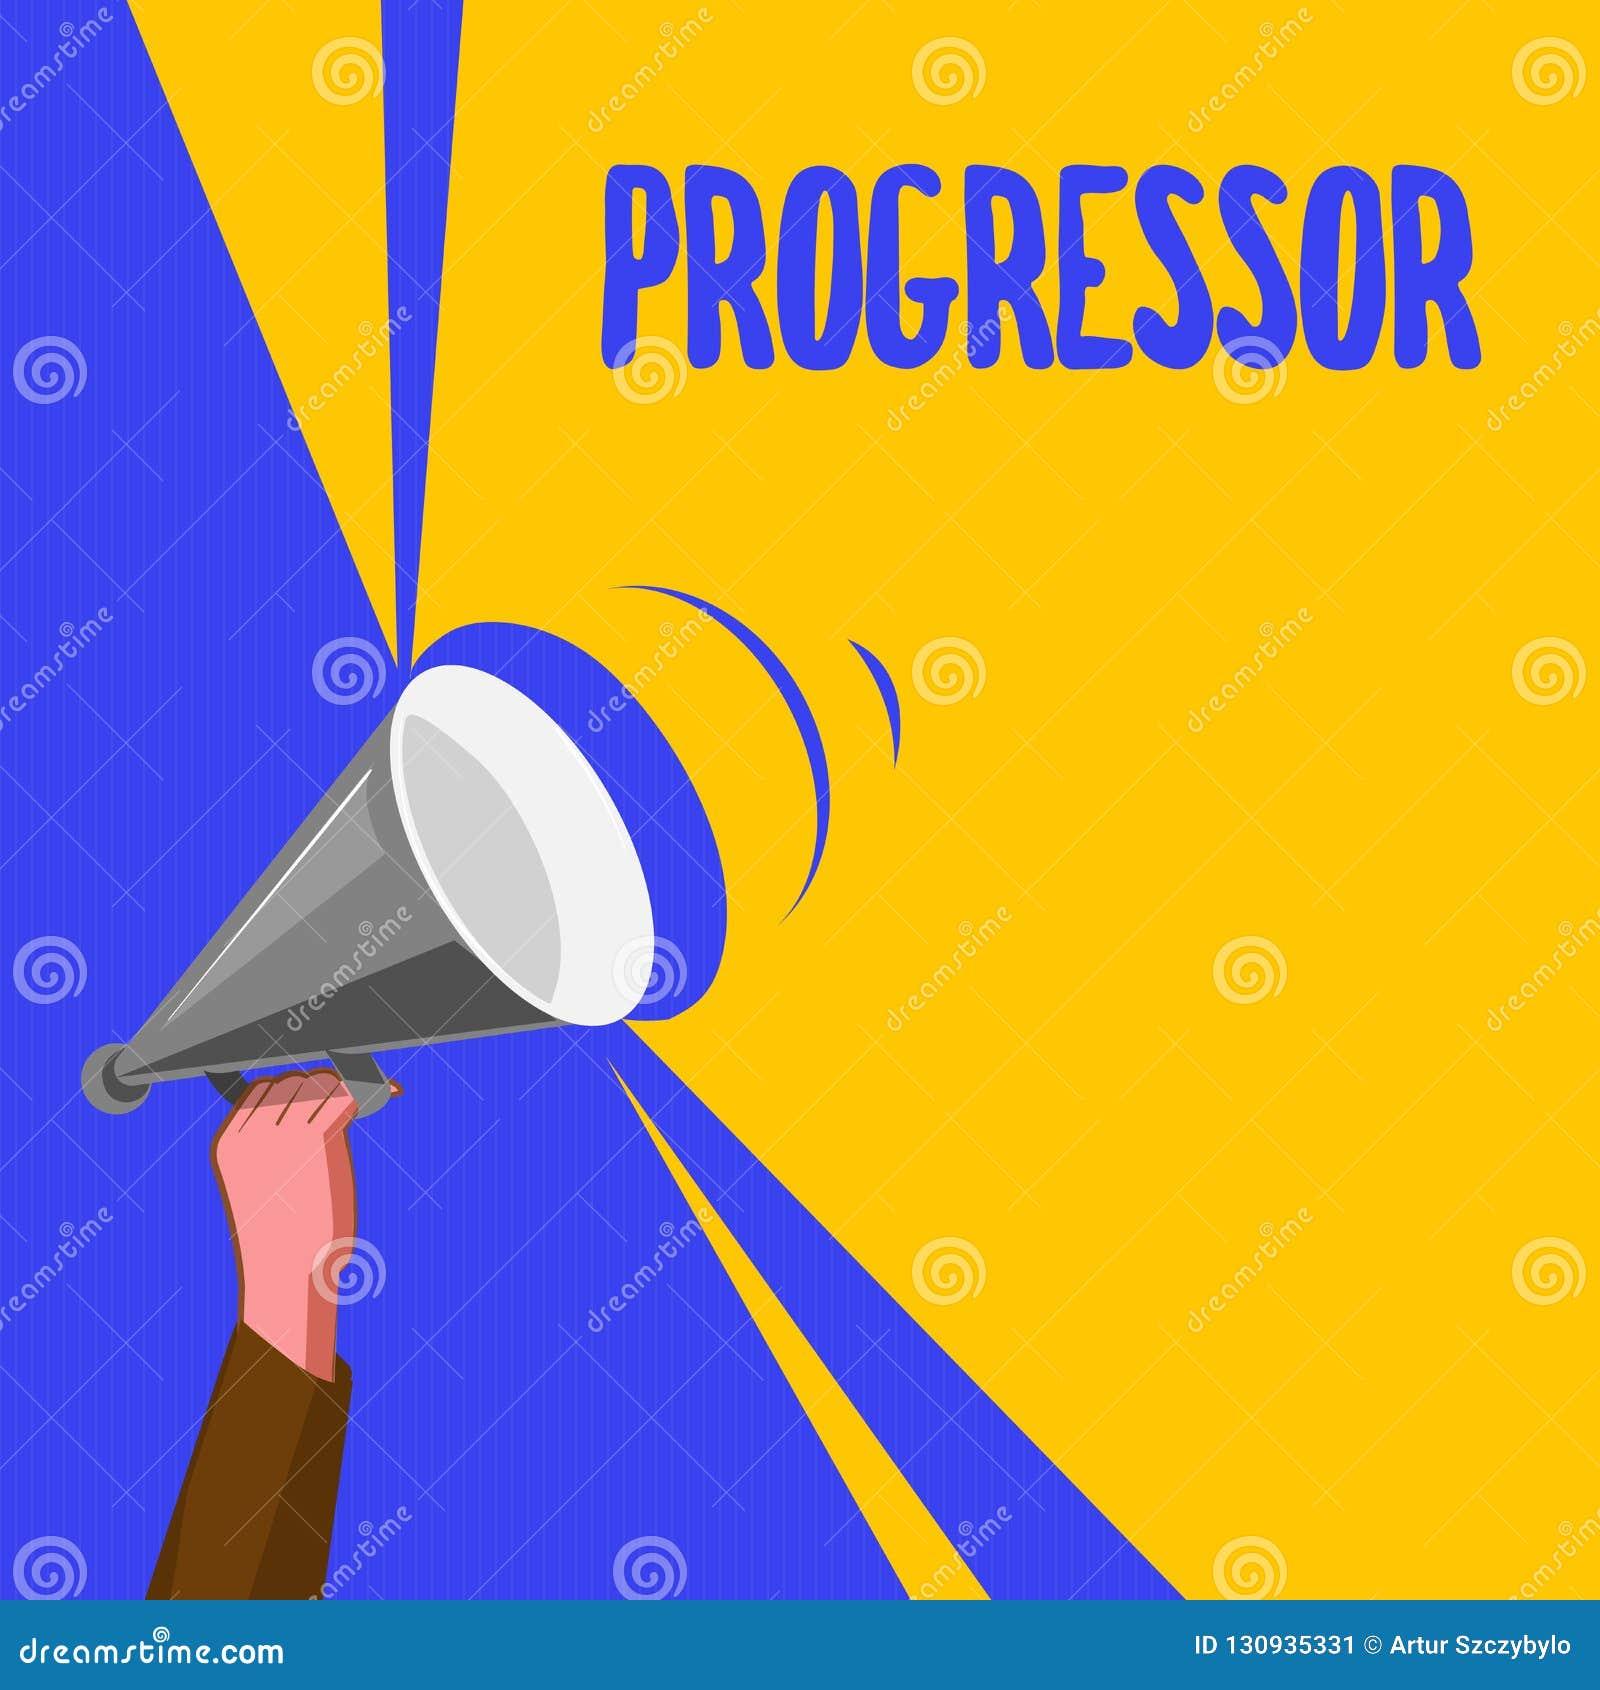 Wortschreibenstext Progressor Geschäftskonzept für Person, die Fortschritt macht oder ihn in anderen Motivation erleichtert